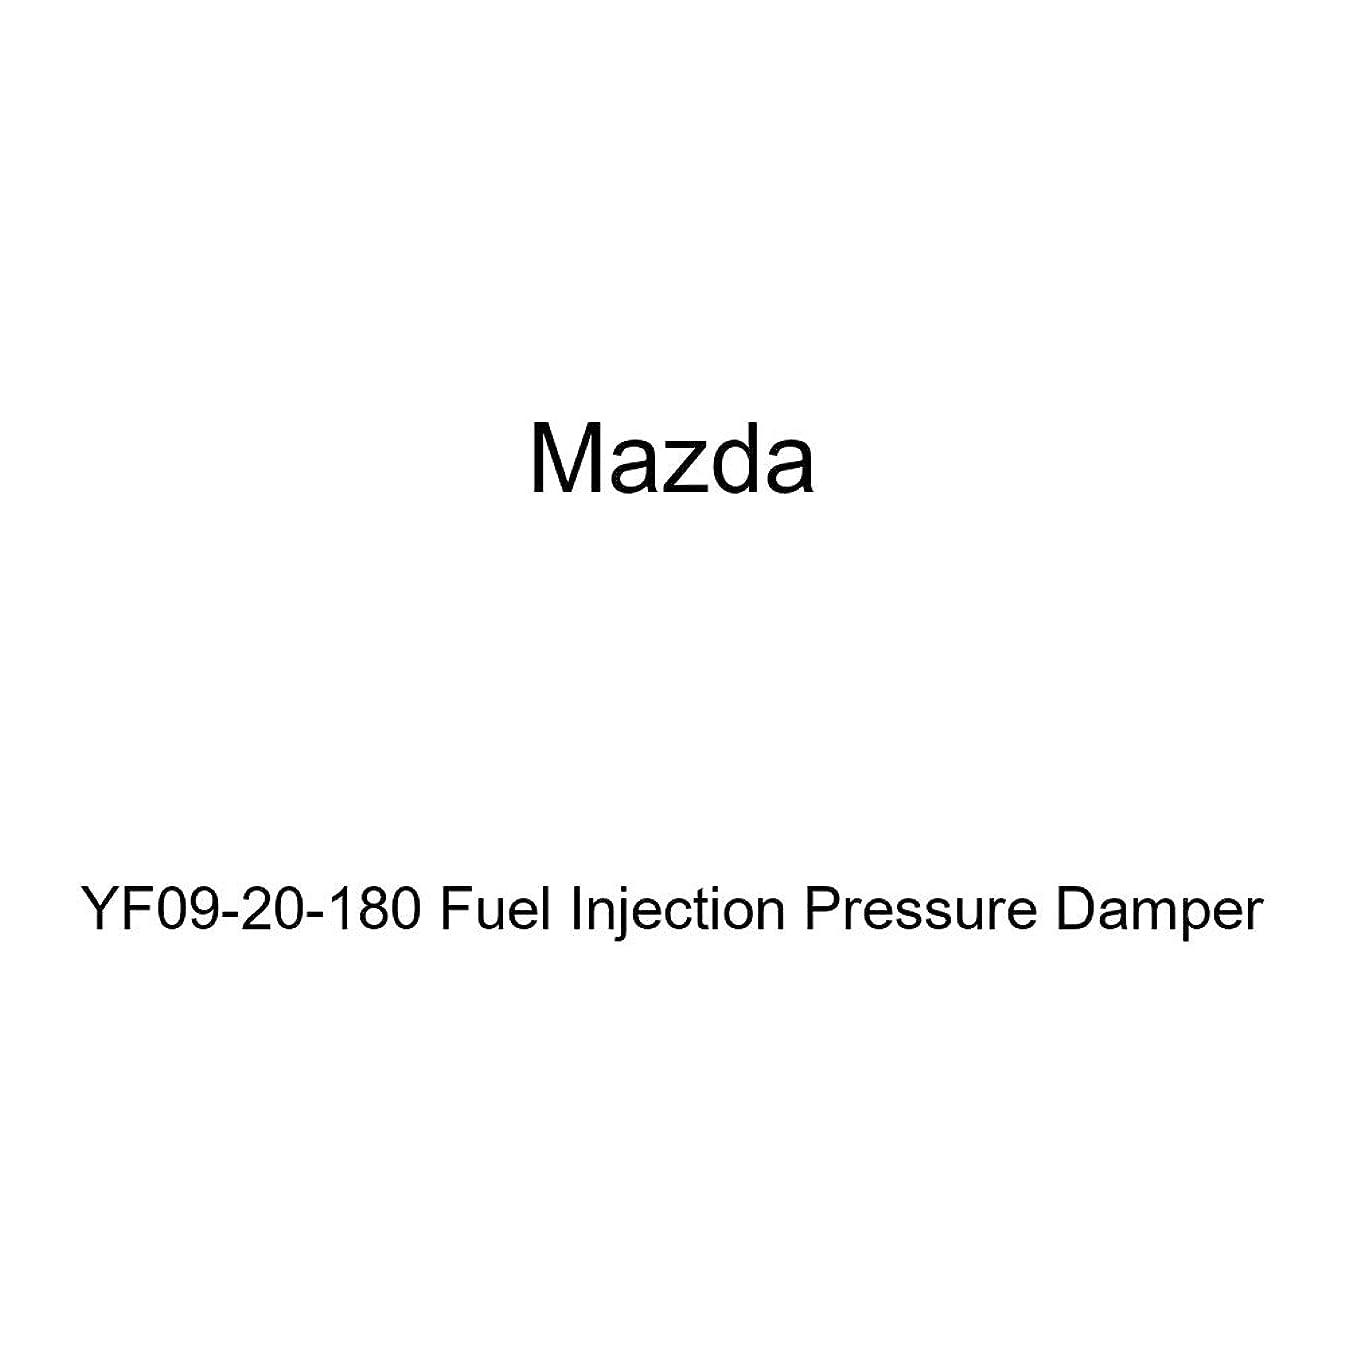 Mazda YF09-20-180 Fuel Injection Pressure Damper